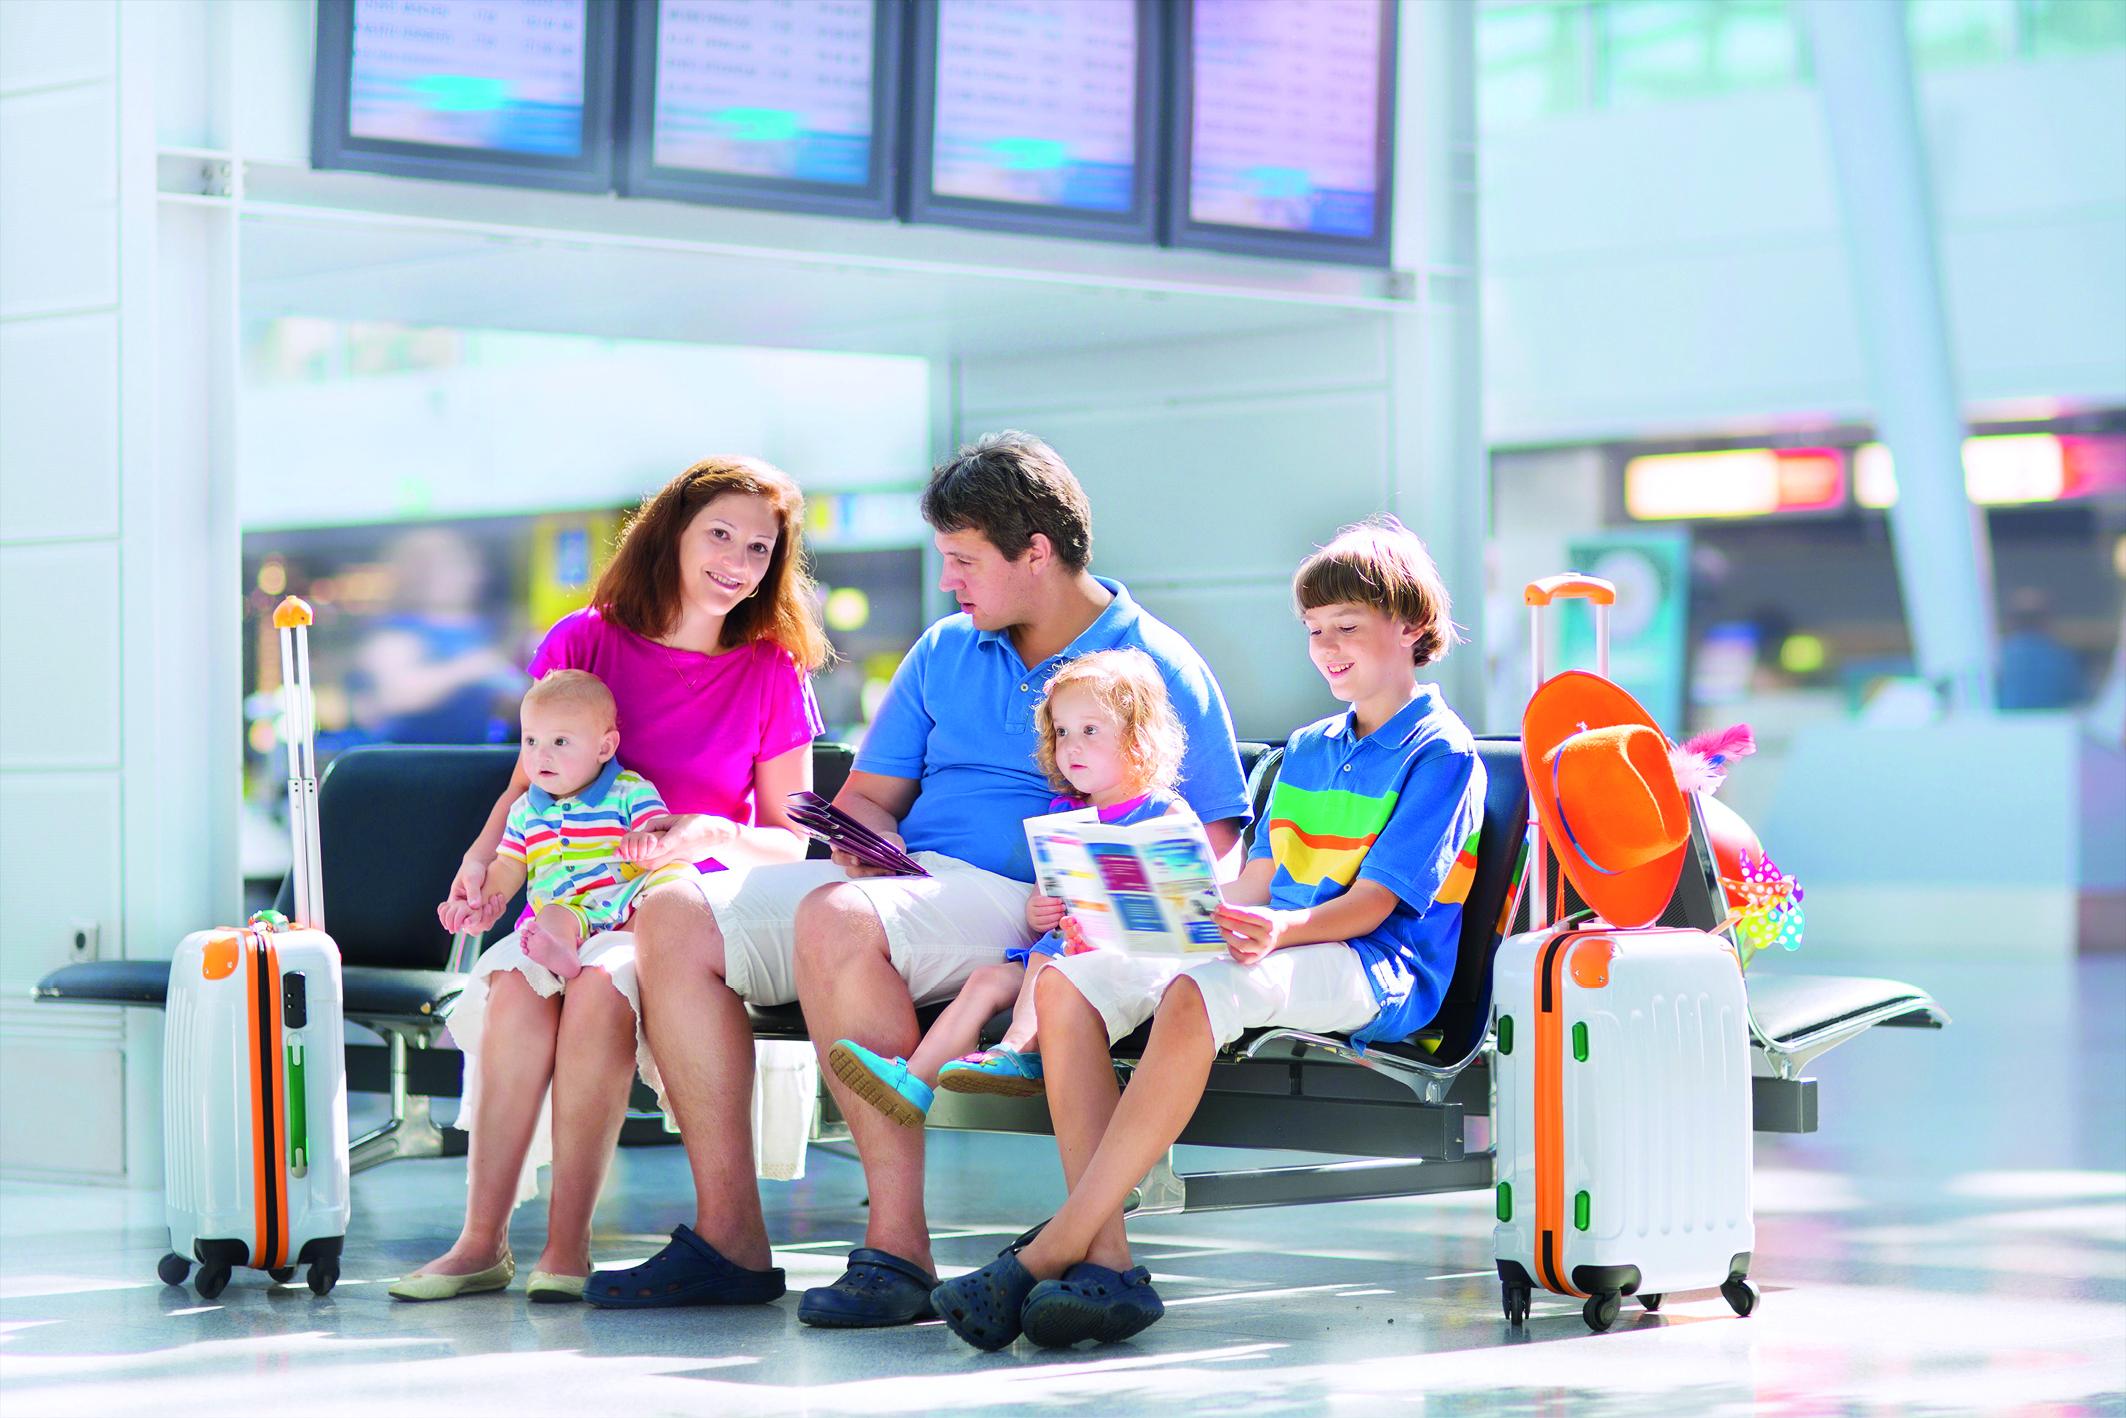 Eine Familie sitzt zufrieden auf einer Sitzgelegenheit im Flughafen. Sie haben alle Reisevorbereitungen im Voraus getroffen und sind nun bereit für den gemeinsamen Urlaub.